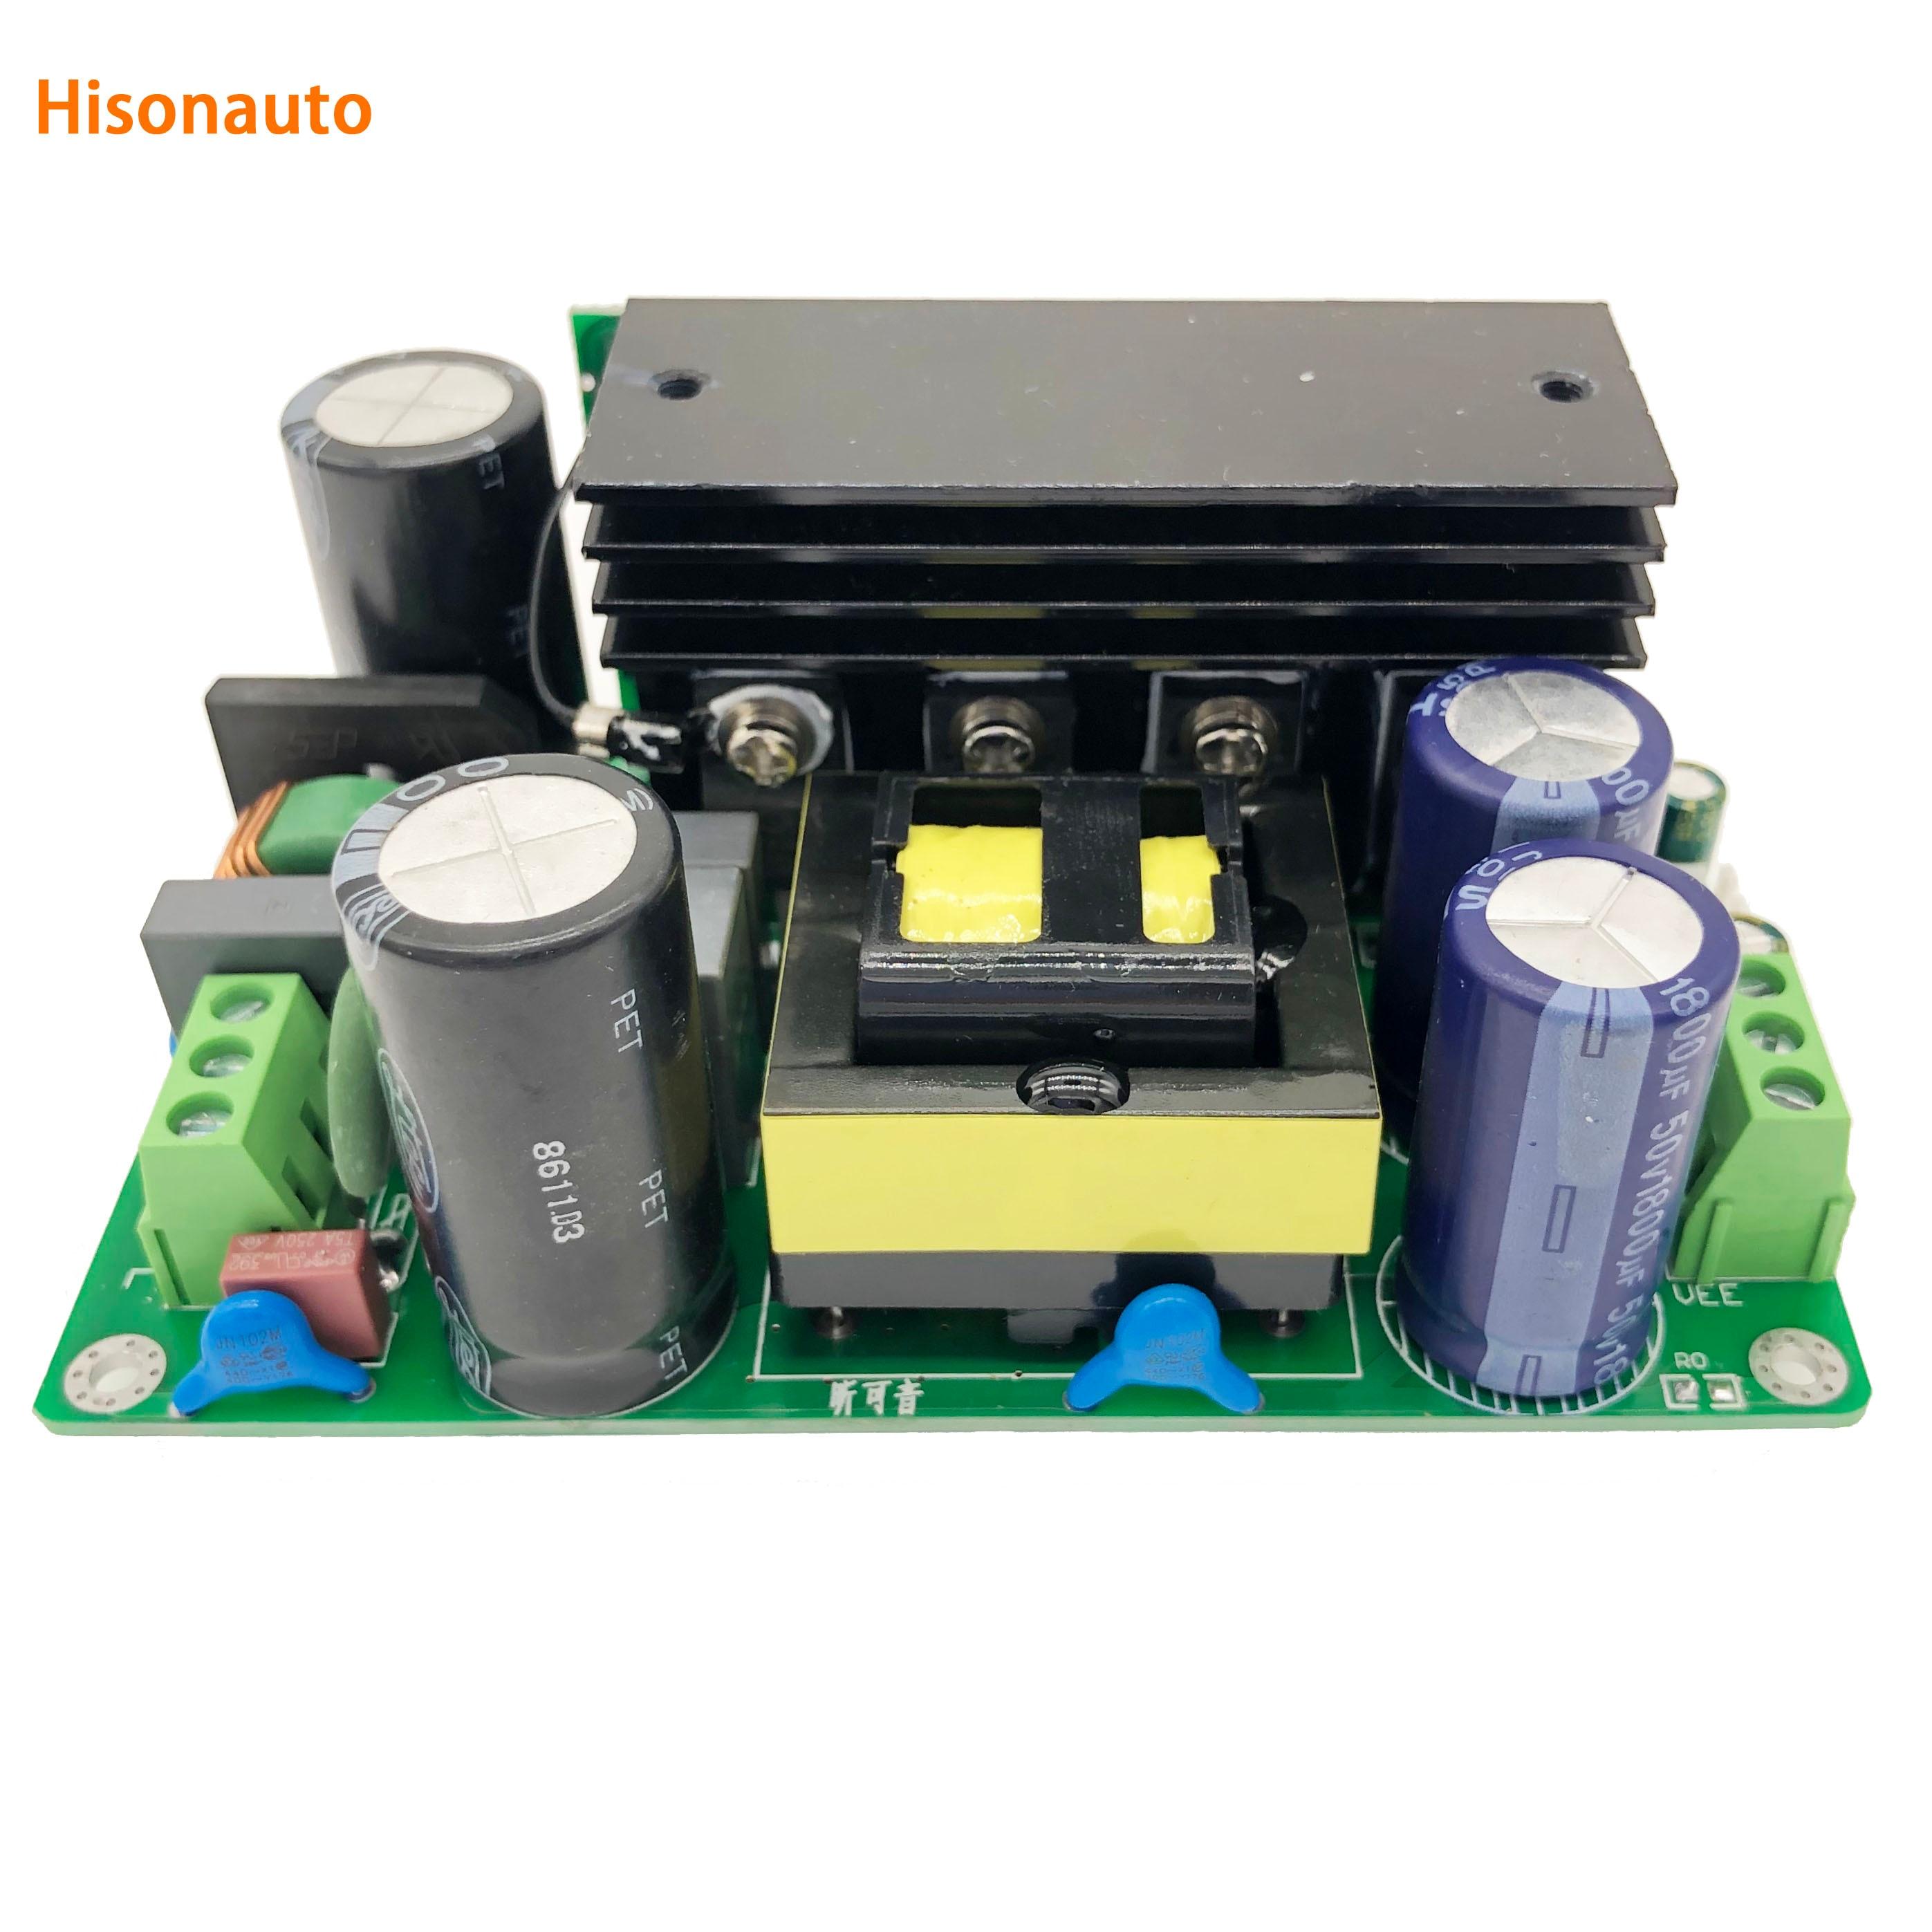 HIFI مكبر للصوت مصدر كهرباء قابل للفصل توريد SMPS LLC 500 واط 600 واط 1000 واط 1500 واط 2000 واط PSU المزدوج تيار مستمر الناتج ± 24V36V 48 فولت 60 فولت 70 فولت 80 فولت